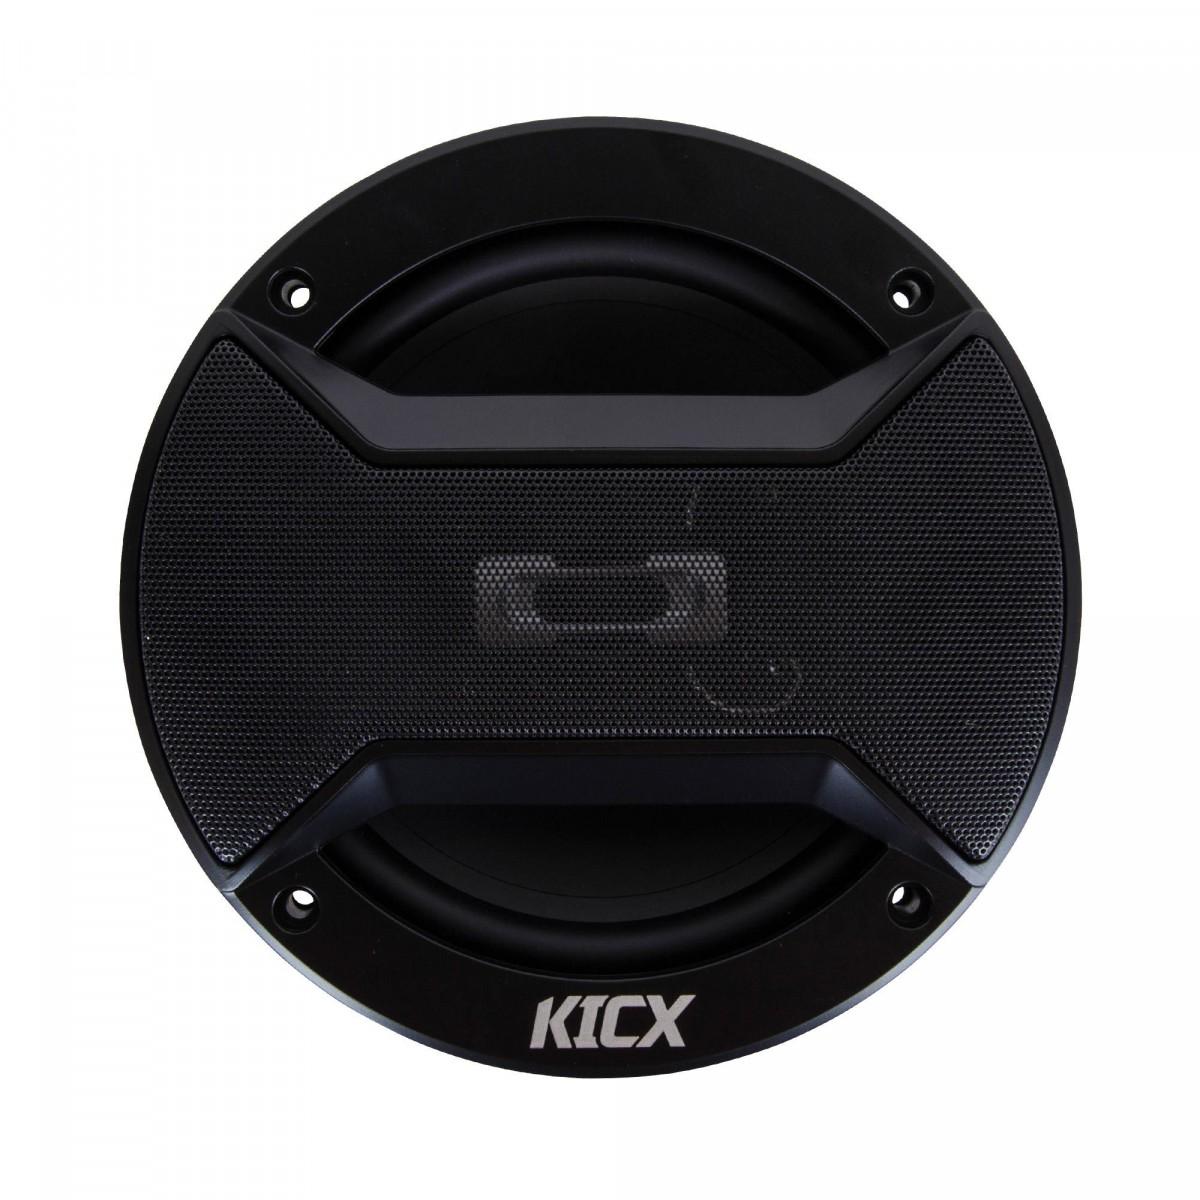 Коаксиальные динамики Kicx RX 652